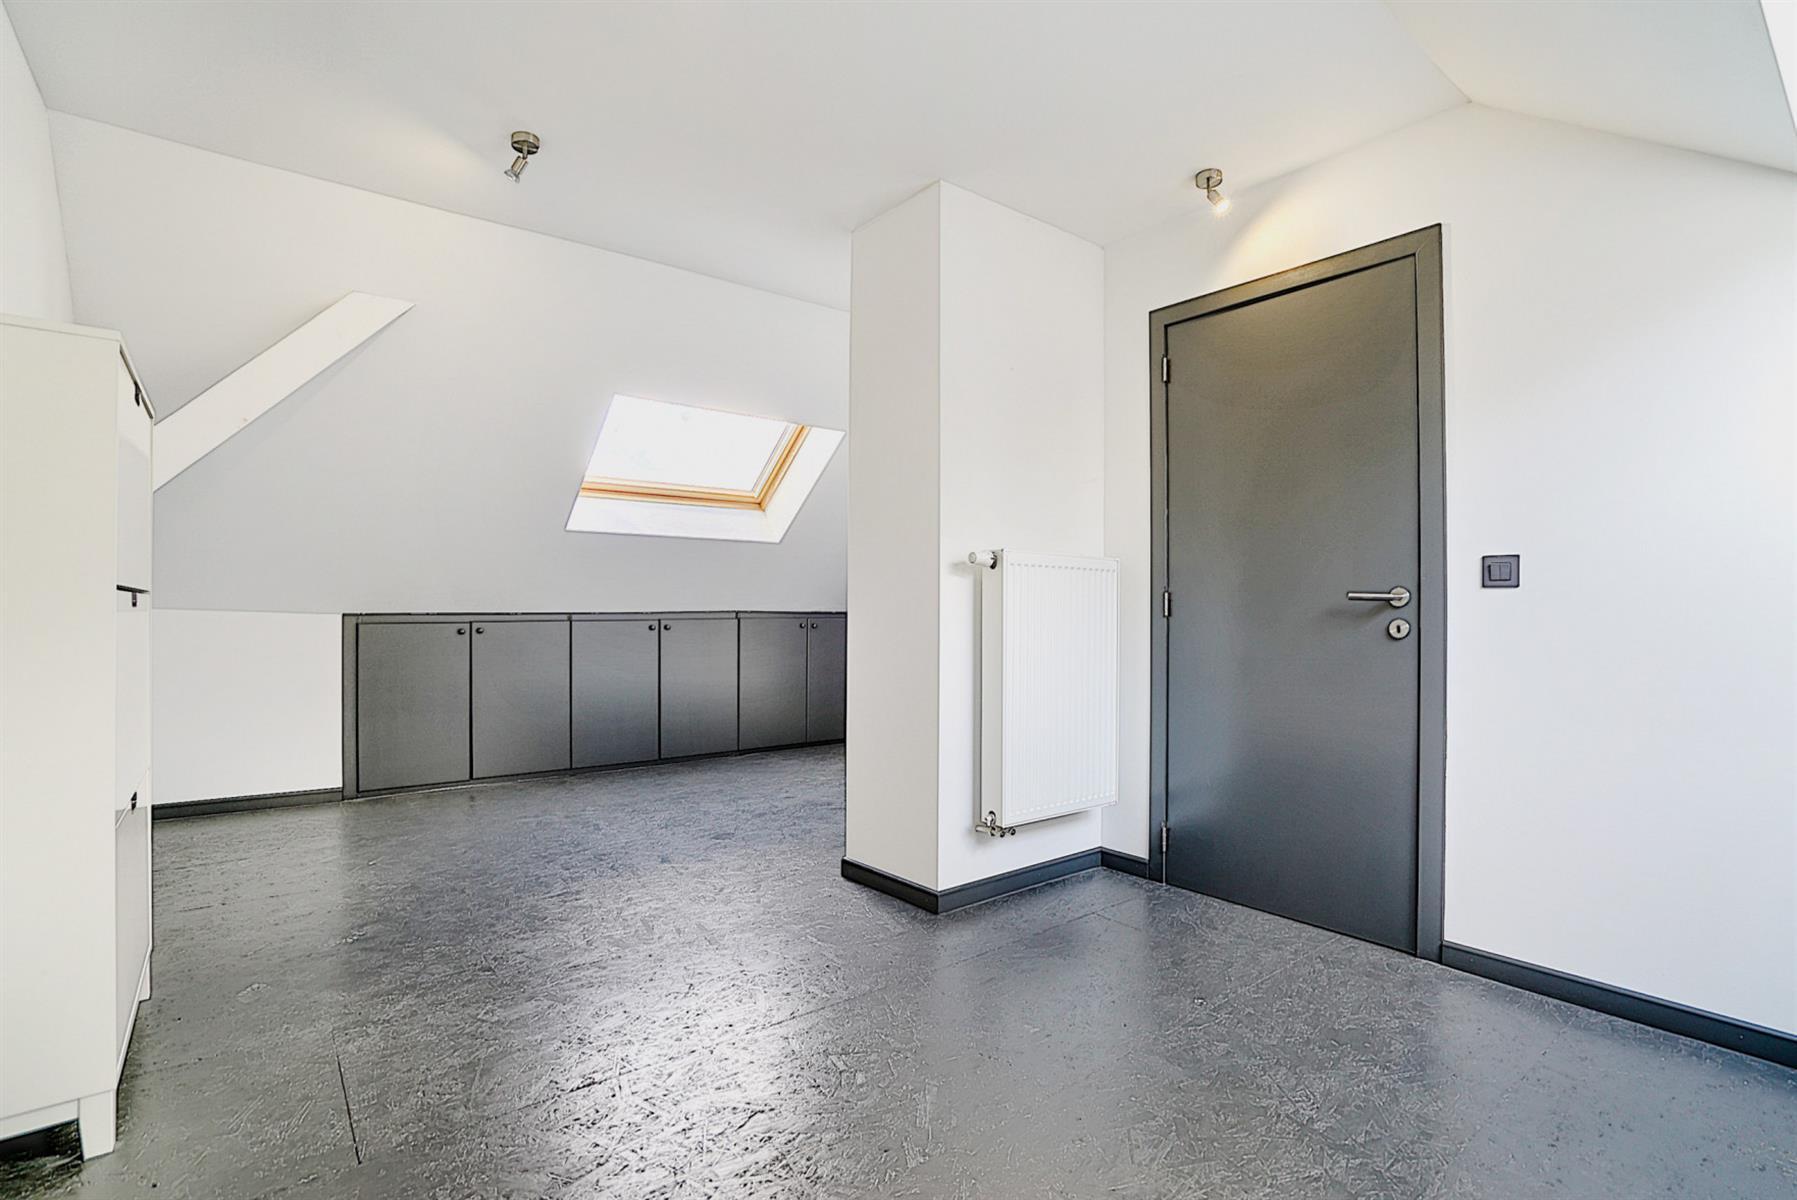 Maison - Mont-saint-guibert - #4326109-19